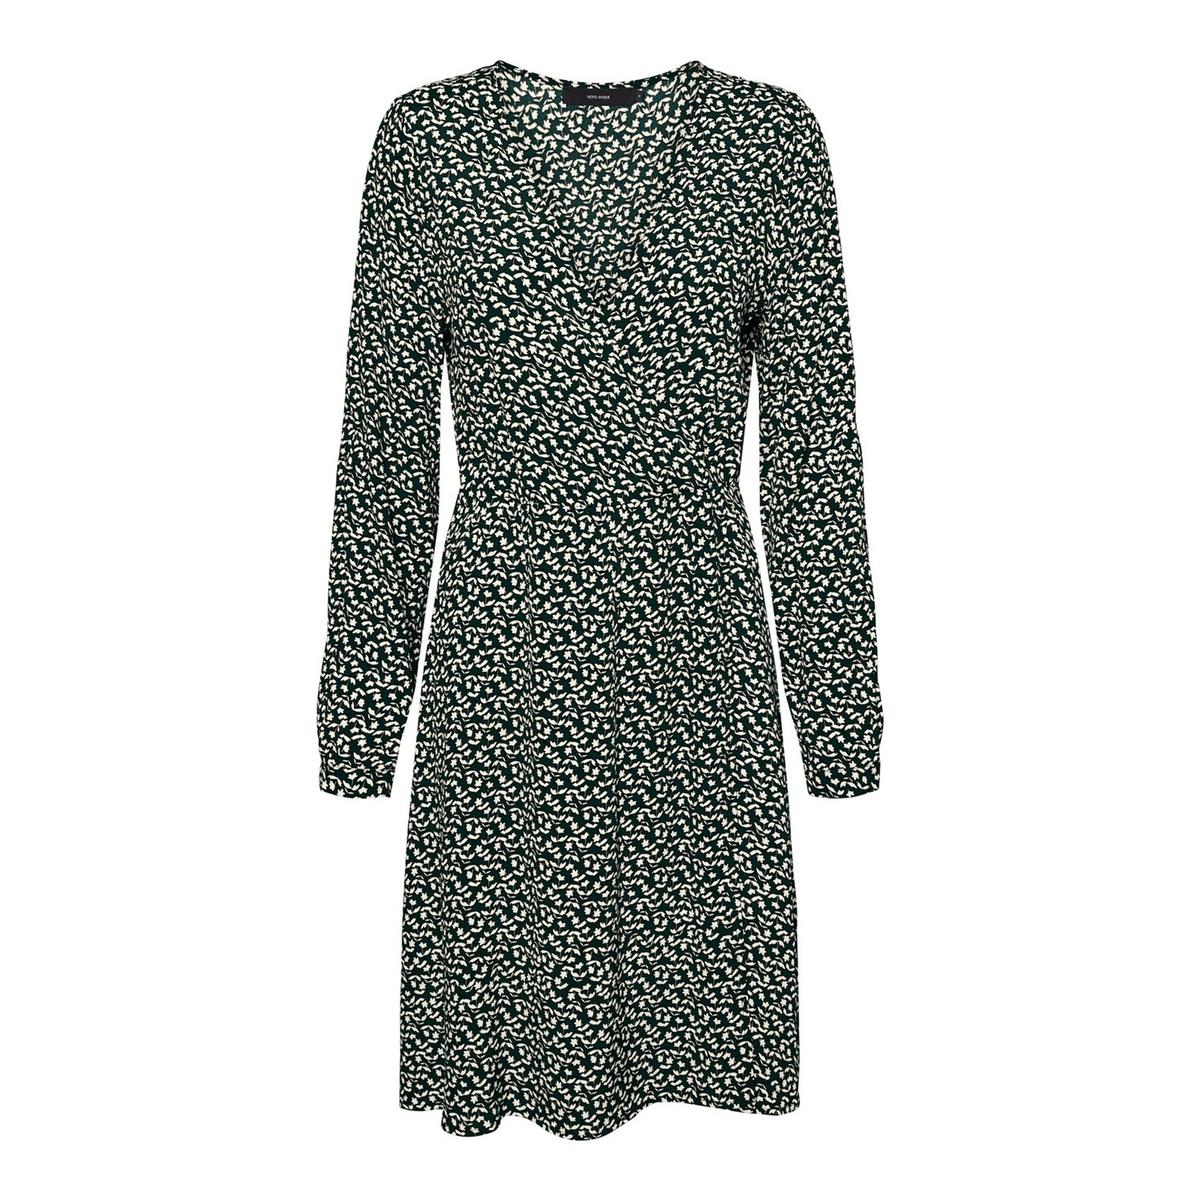 цена Платье La Redoute Расклешенное с V-образным вырезом длиной до колен XL зеленый онлайн в 2017 году